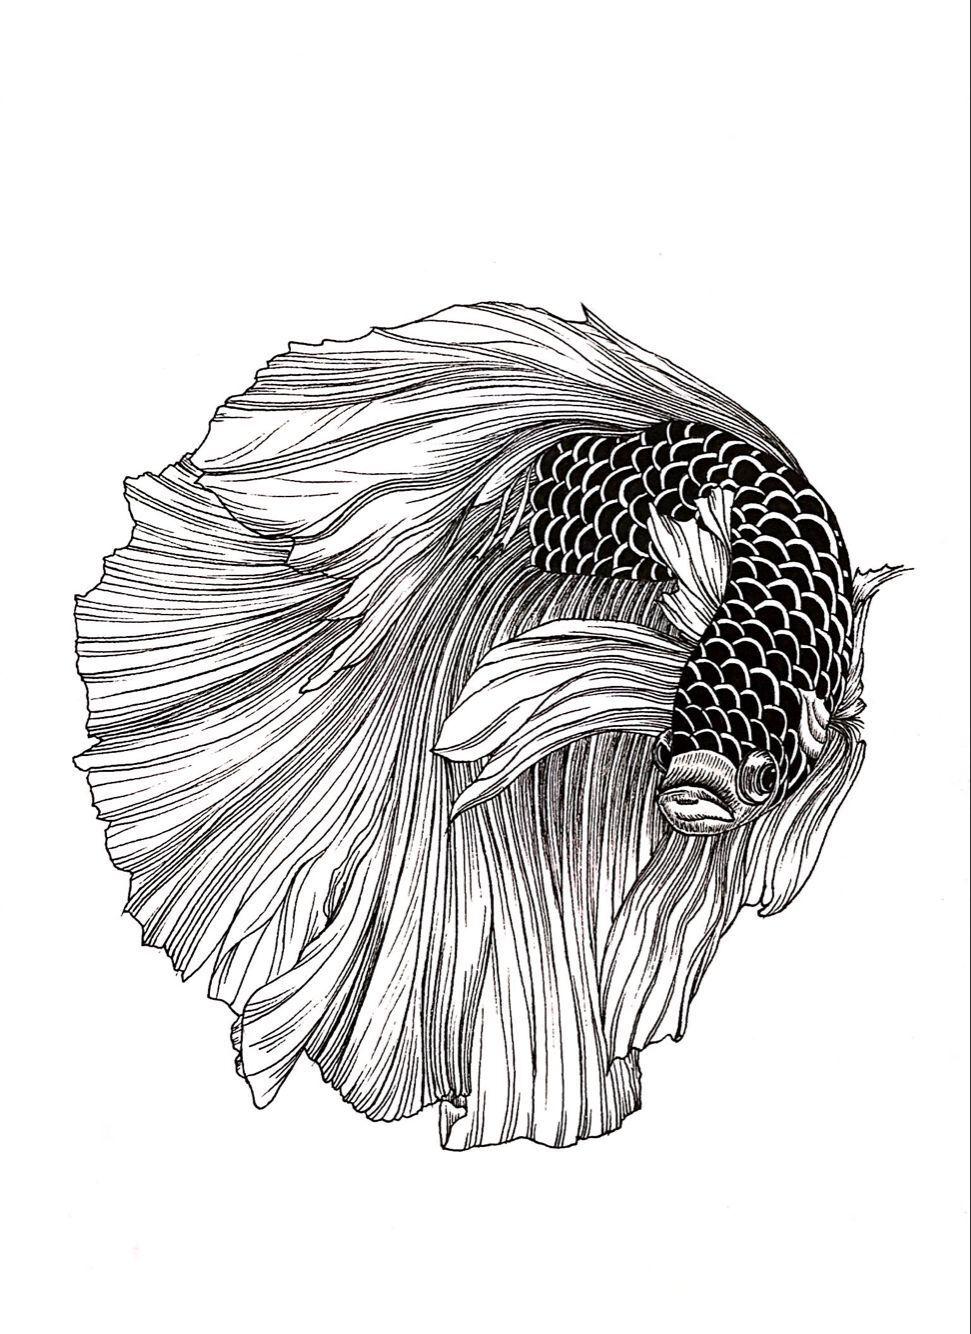 黑白动物绘|纯艺术|钢笔画|地主家也没有余粮 - 原创